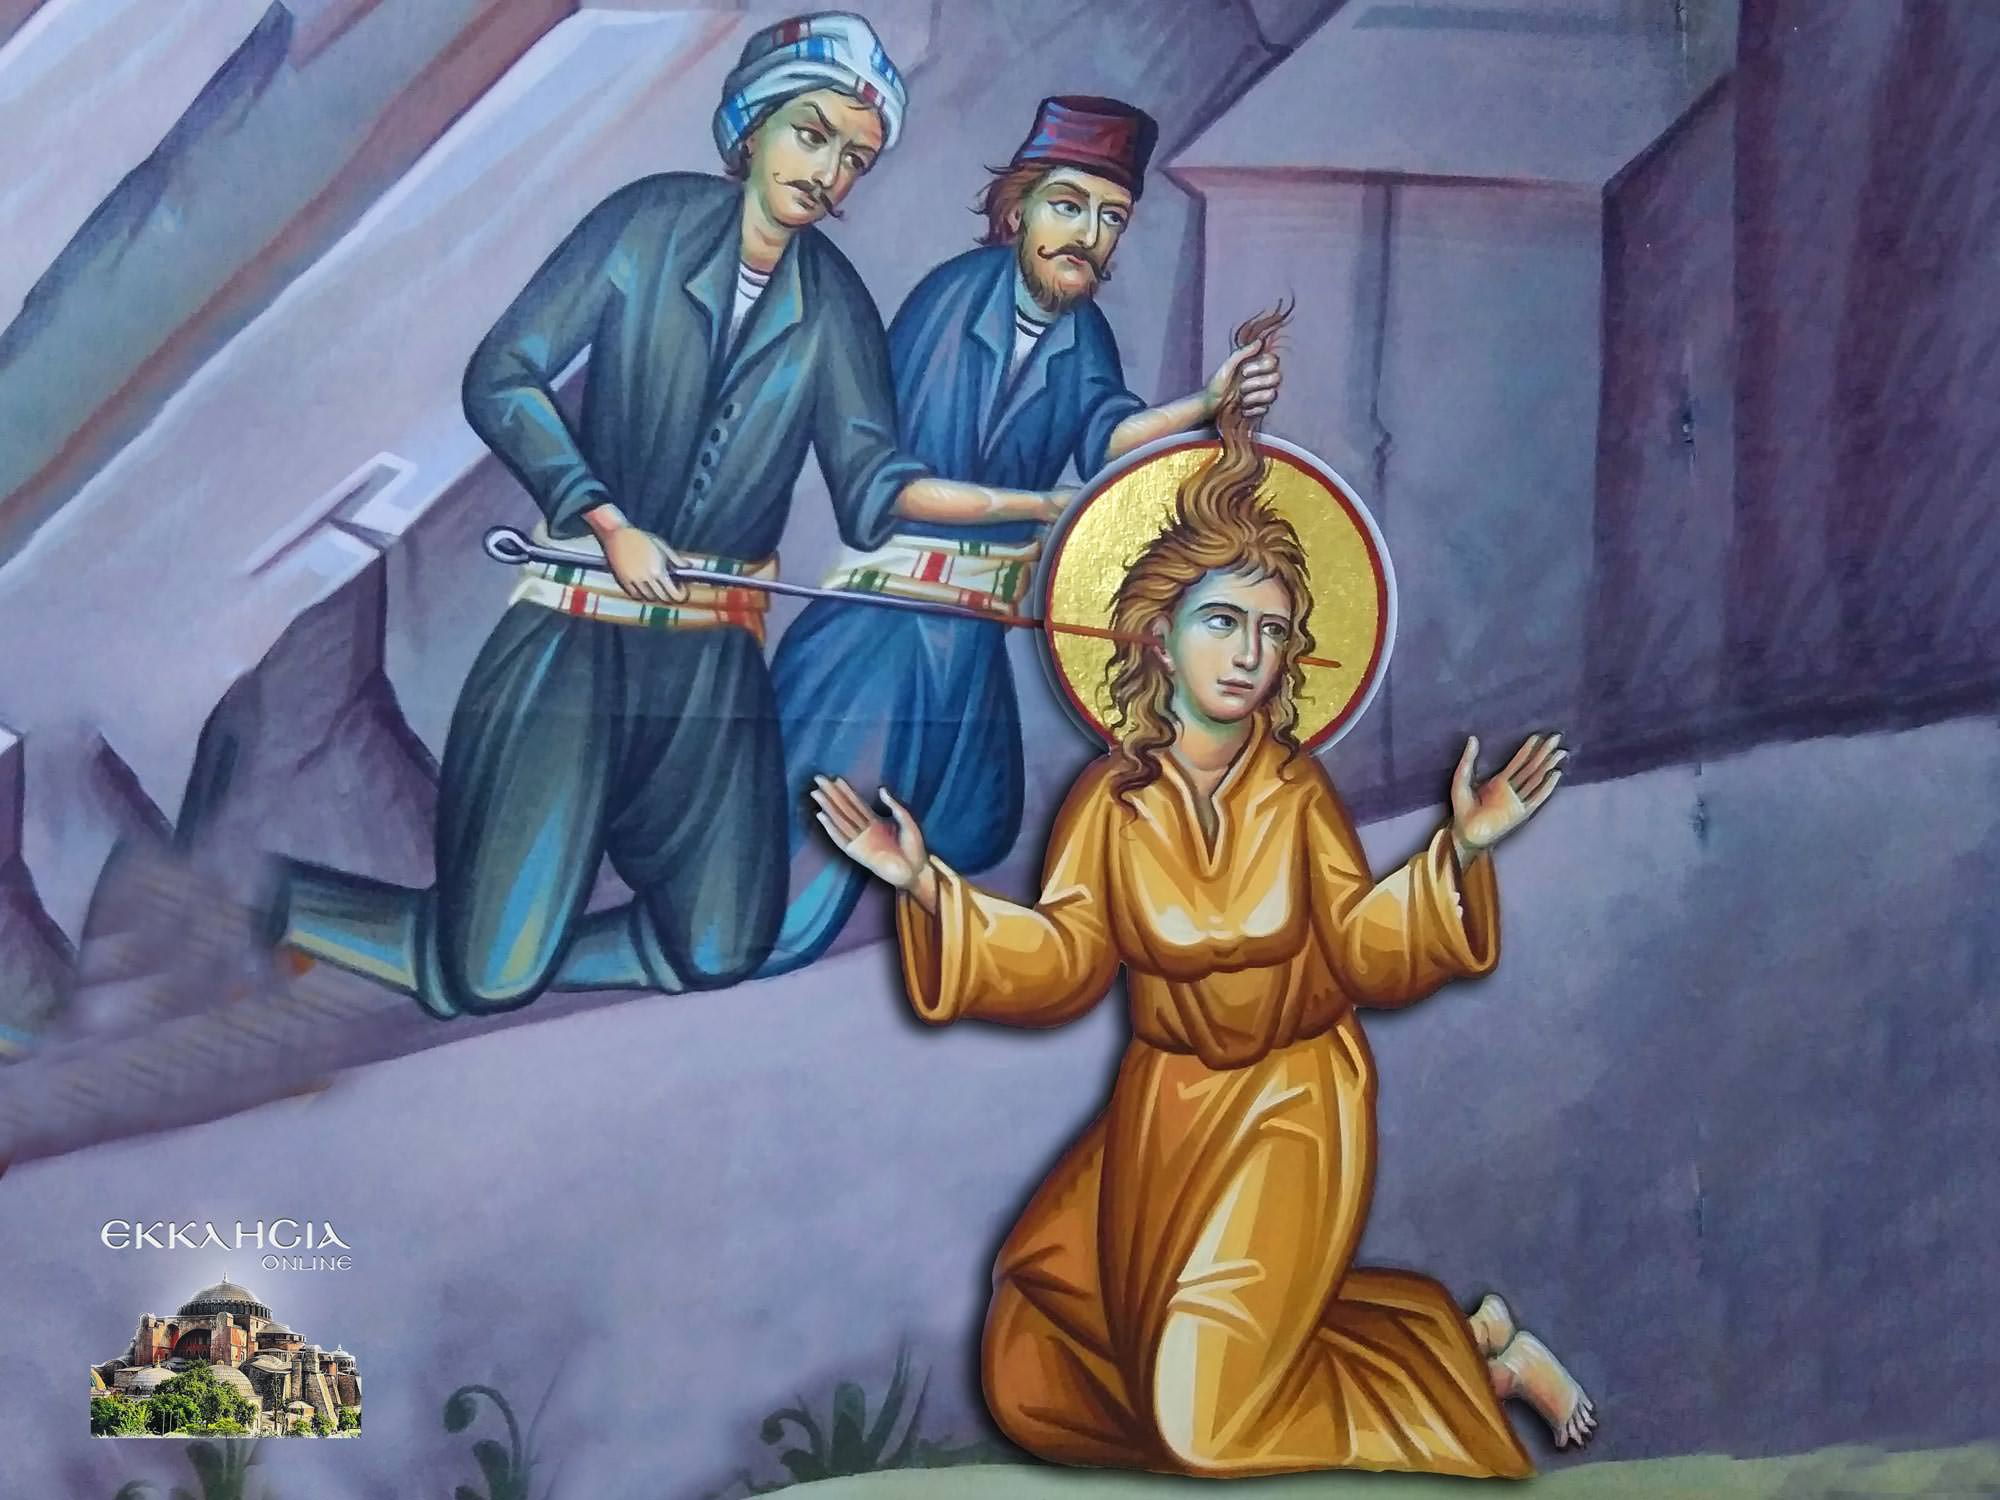 Αγία Χρυσή μαρτύριο